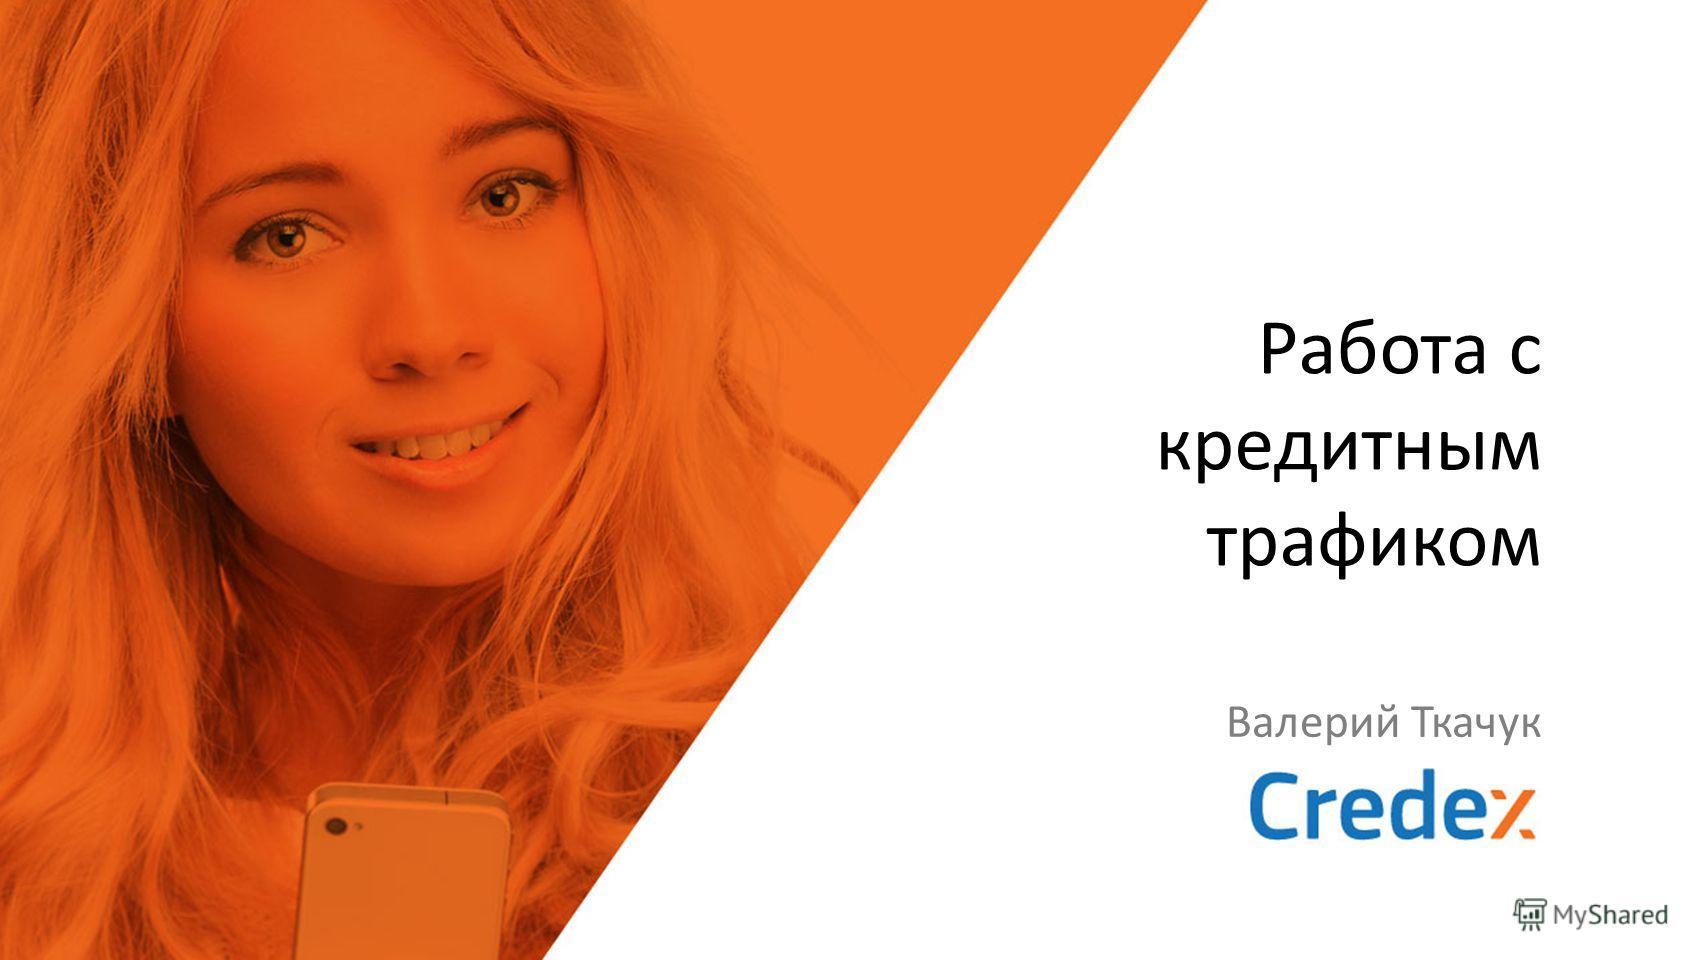 Работа с кредитным трафиком Валерий Ткачук